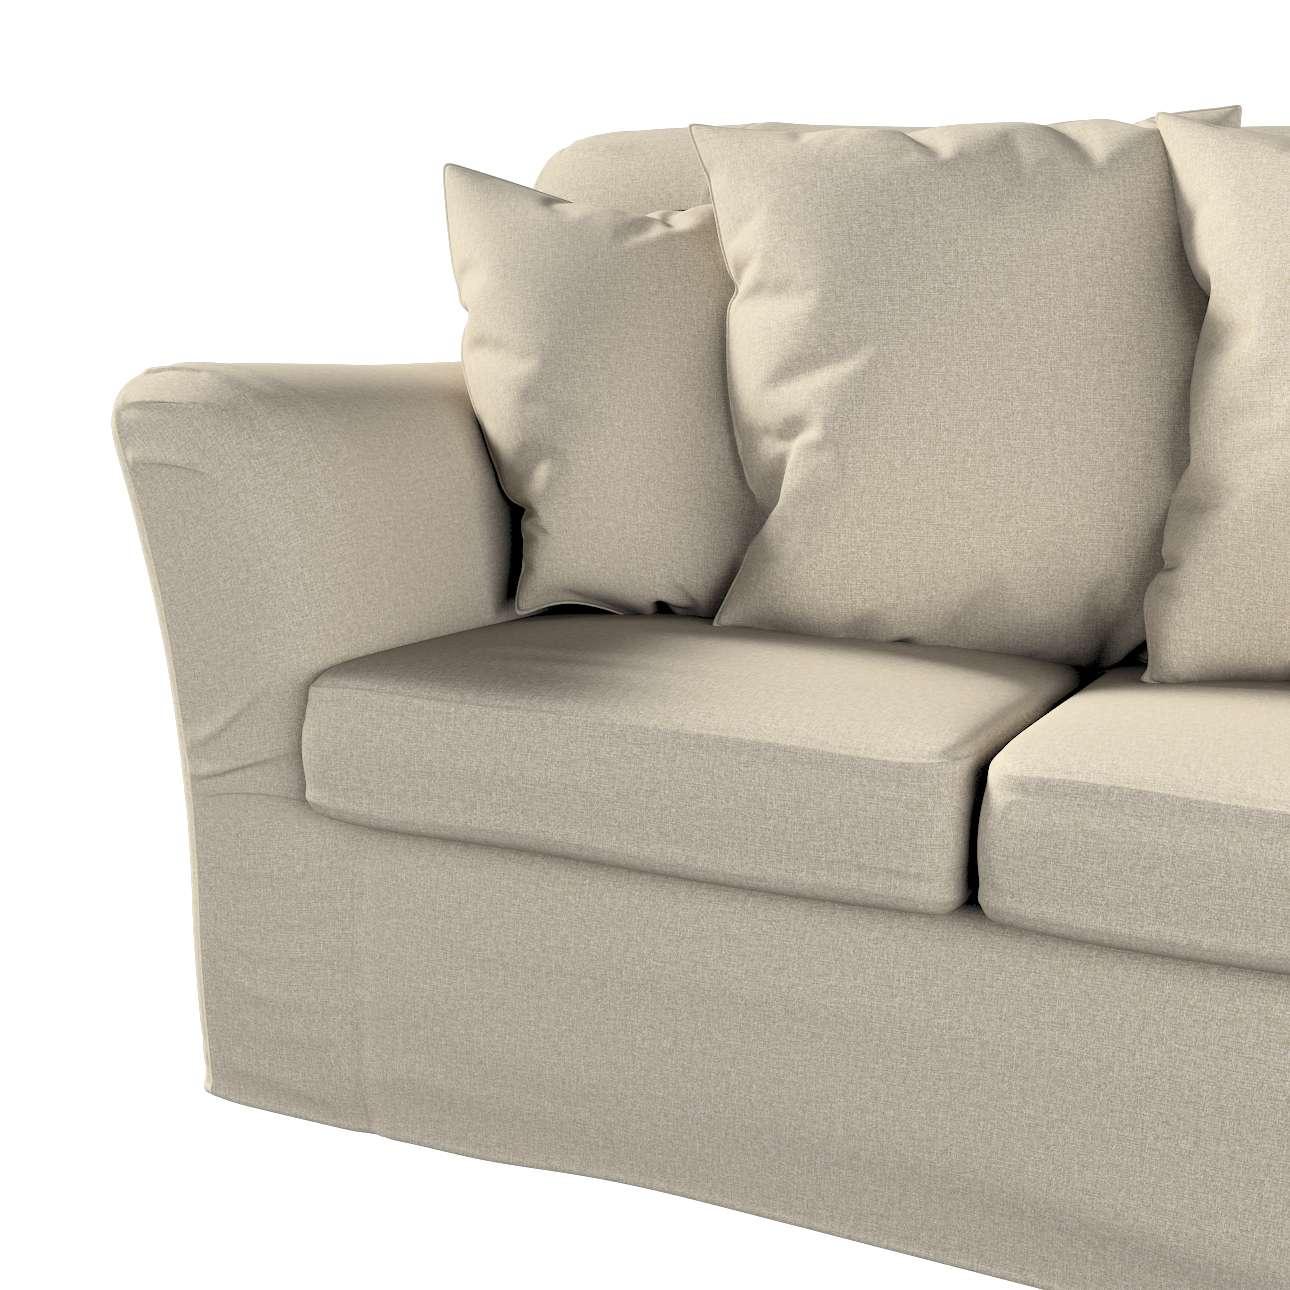 Pokrowiec na sofę Tomelilla 3-osobową nierozkładaną w kolekcji Amsterdam, tkanina: 704-52